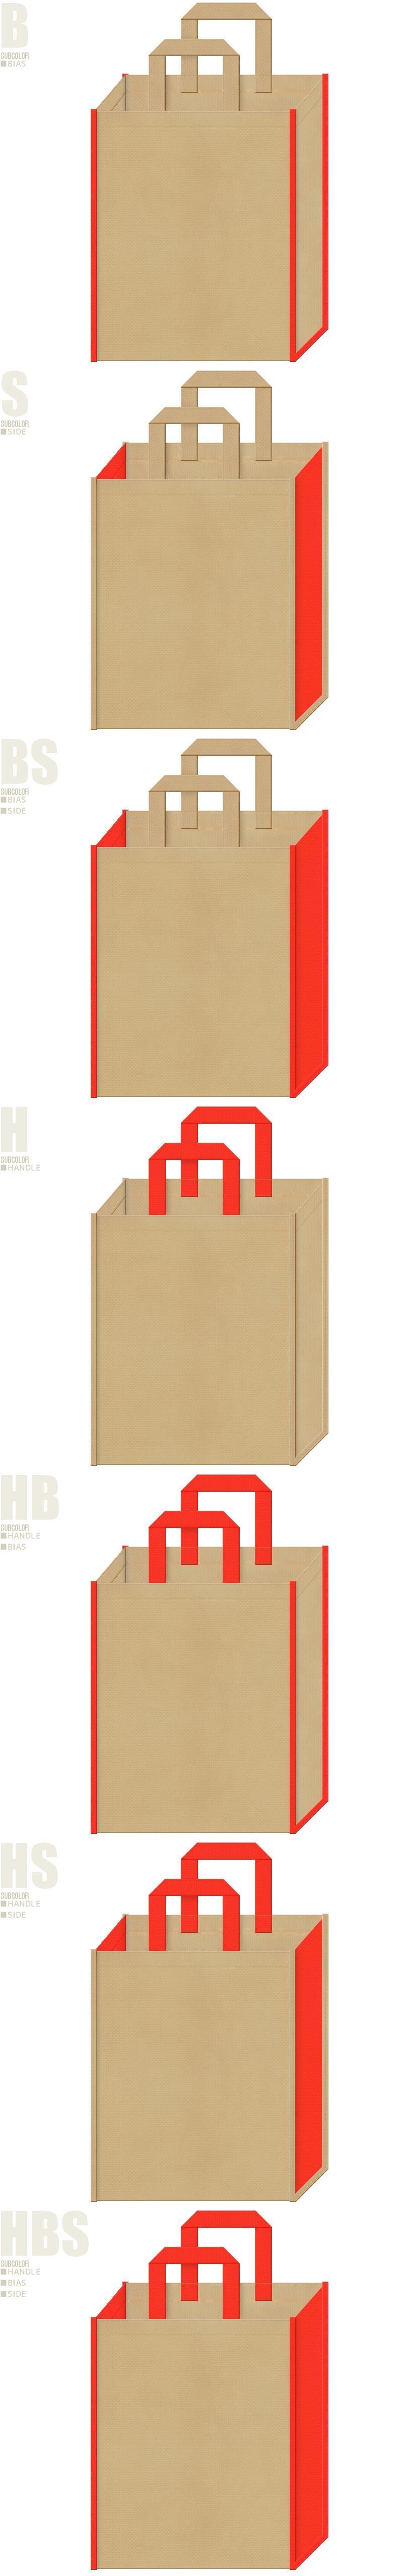 オニオンスープ・にんじん・サラダ油・調味料・お料理教室・ランチバッグにお奨めの不織布バッグデザイン:カーキ色とオレンジ色の配色7パターン。